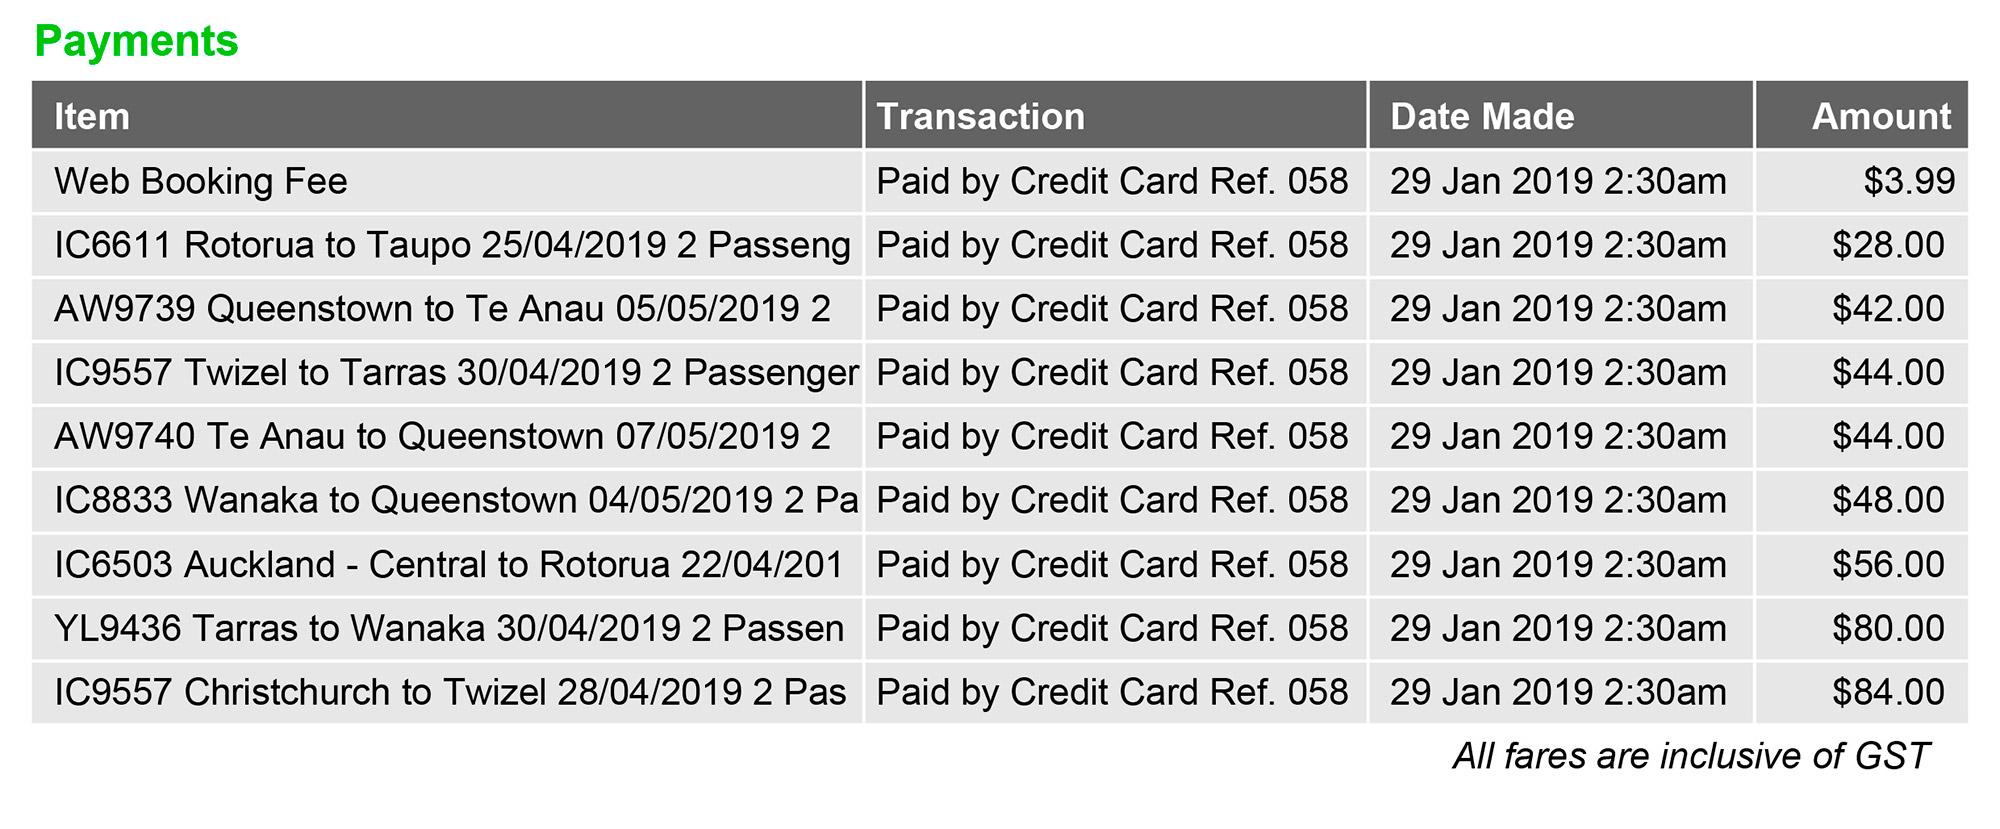 Я заранее купила билеты на автобусы для передвижения по стране. Скриншот брони также отправила на рассмотрение. Доллары здесь не обычные, а новозеландские, их курс ниже